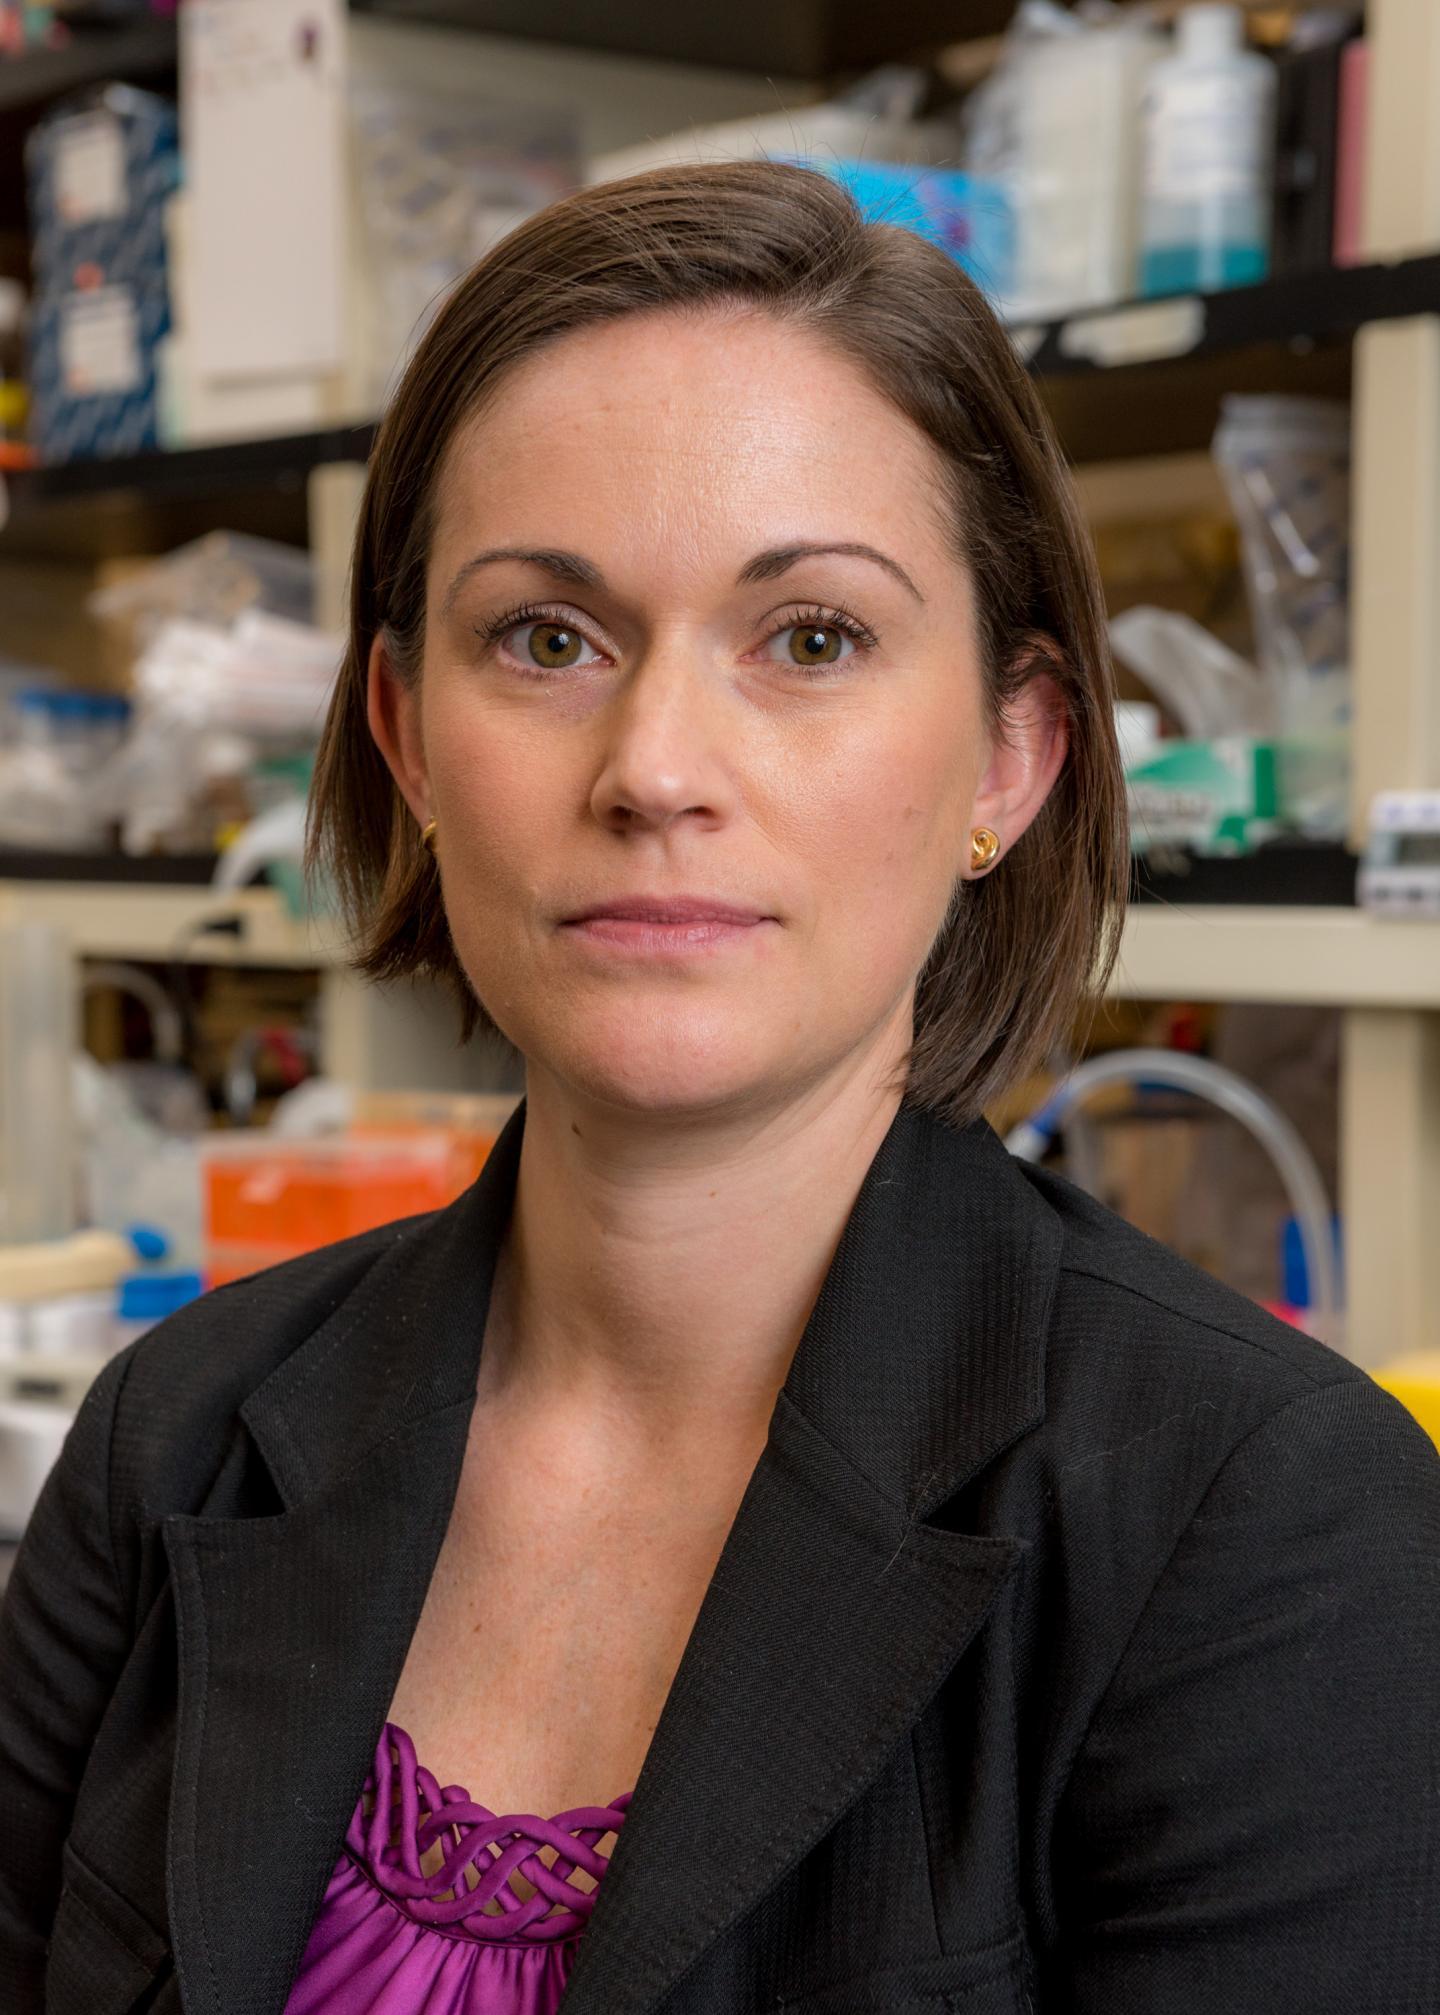 Jennifer Guerriero, Dana-Farber Cancer Institute